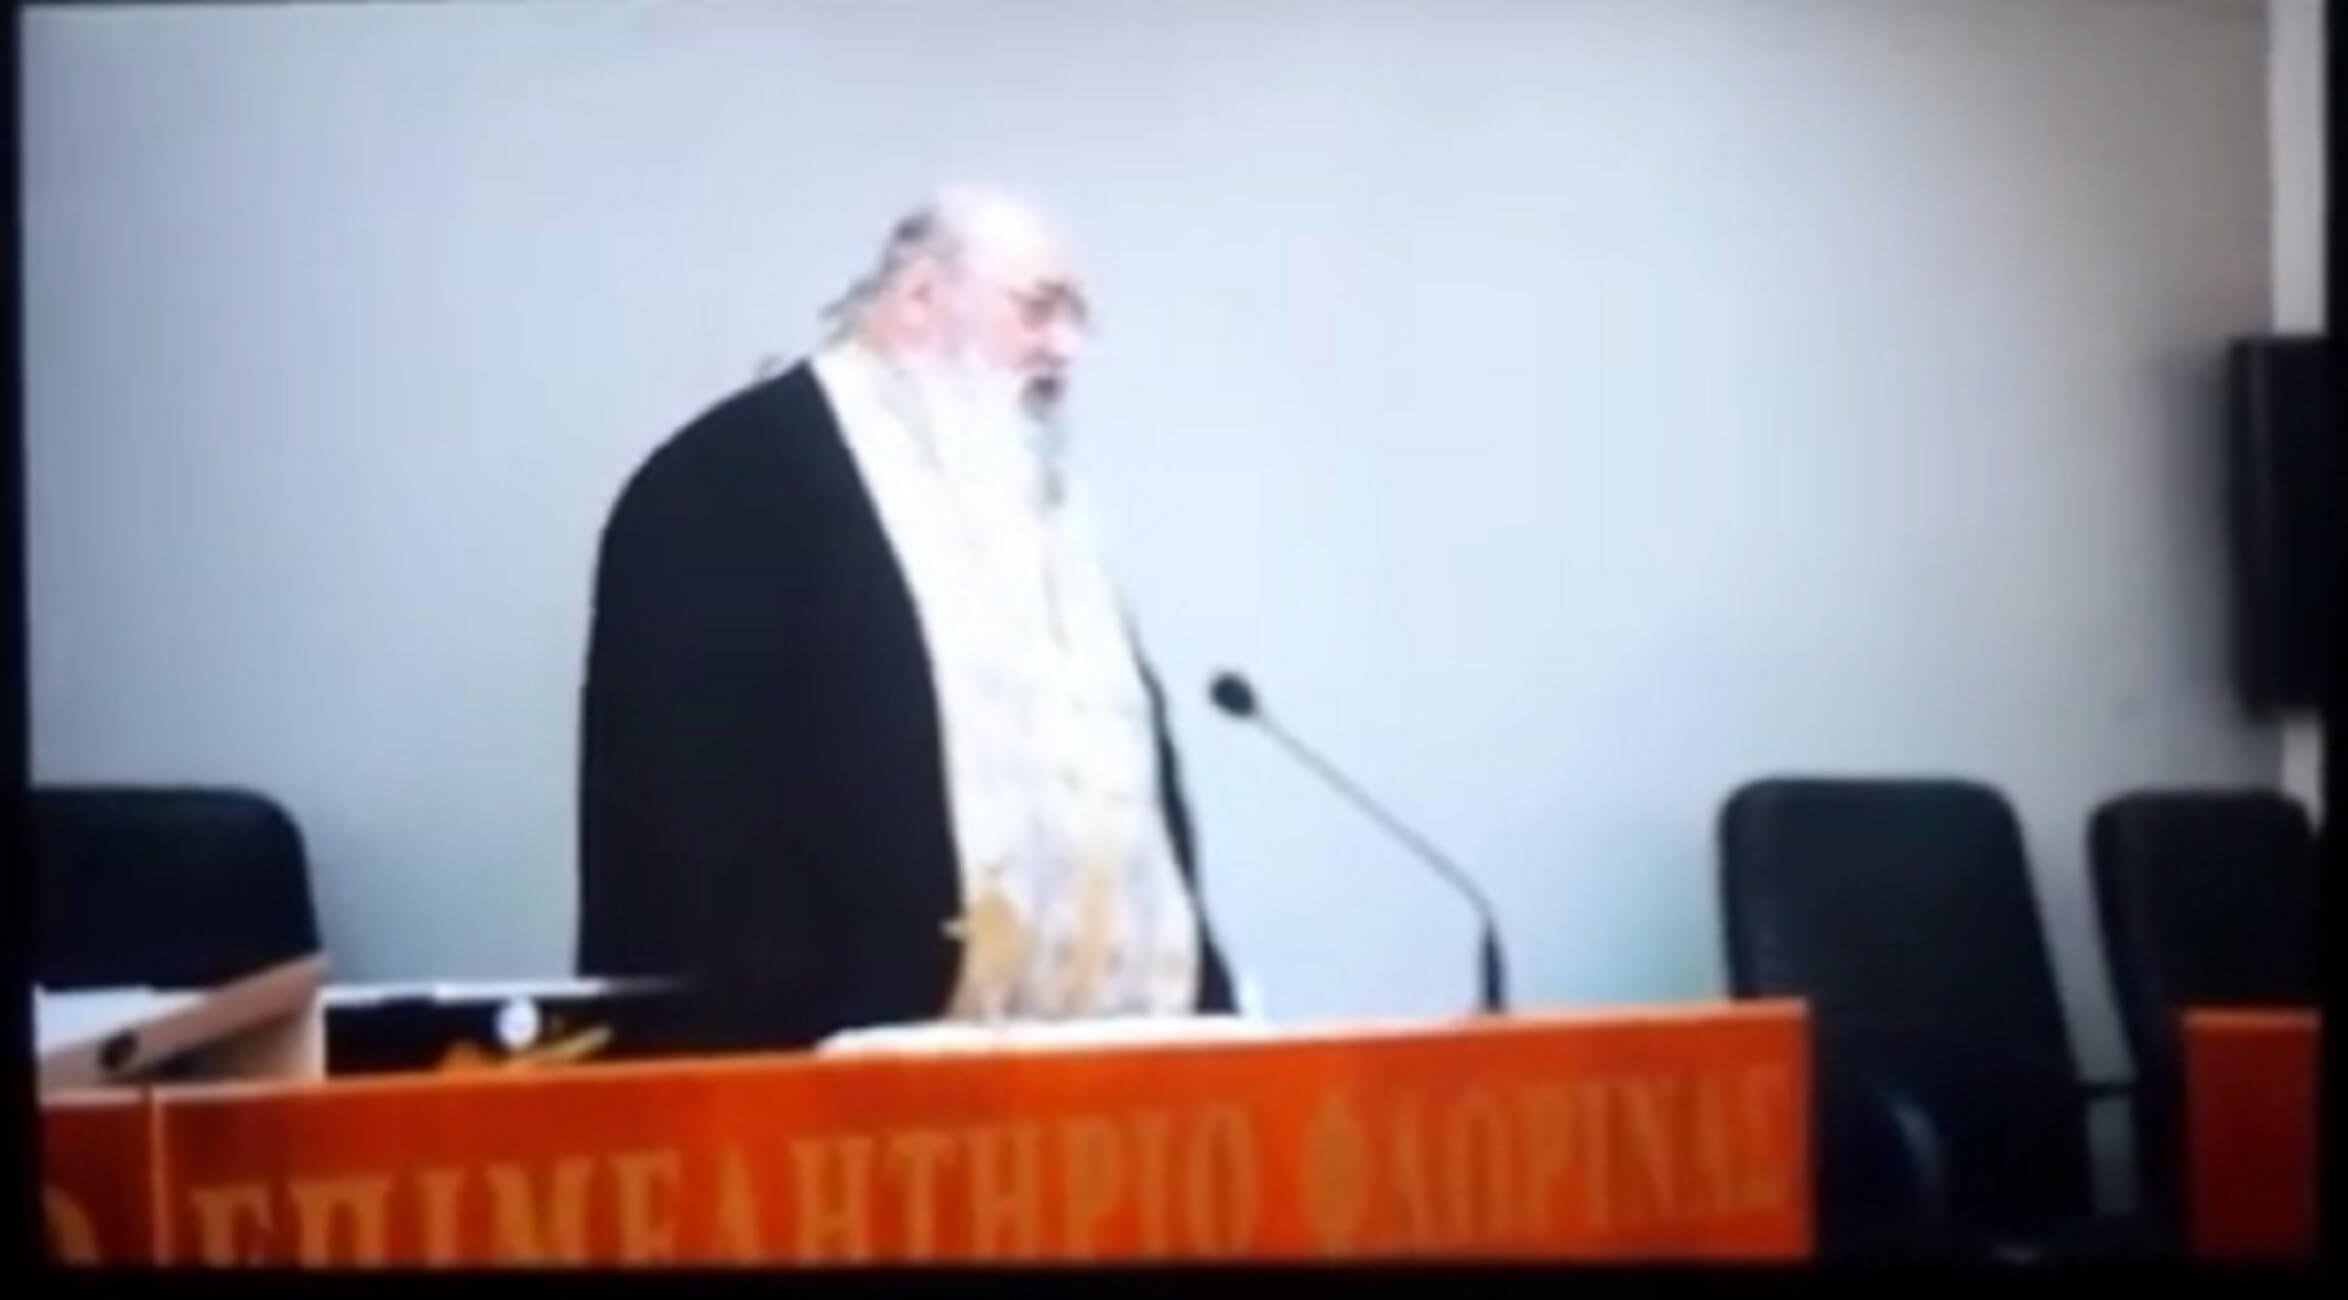 Ιερέας σε βουλευτή του ΣΥΡΙΖΑ: Προδώσατε την πατρίδα, σας προτρέπω σε δημόσια μετάνοια! video